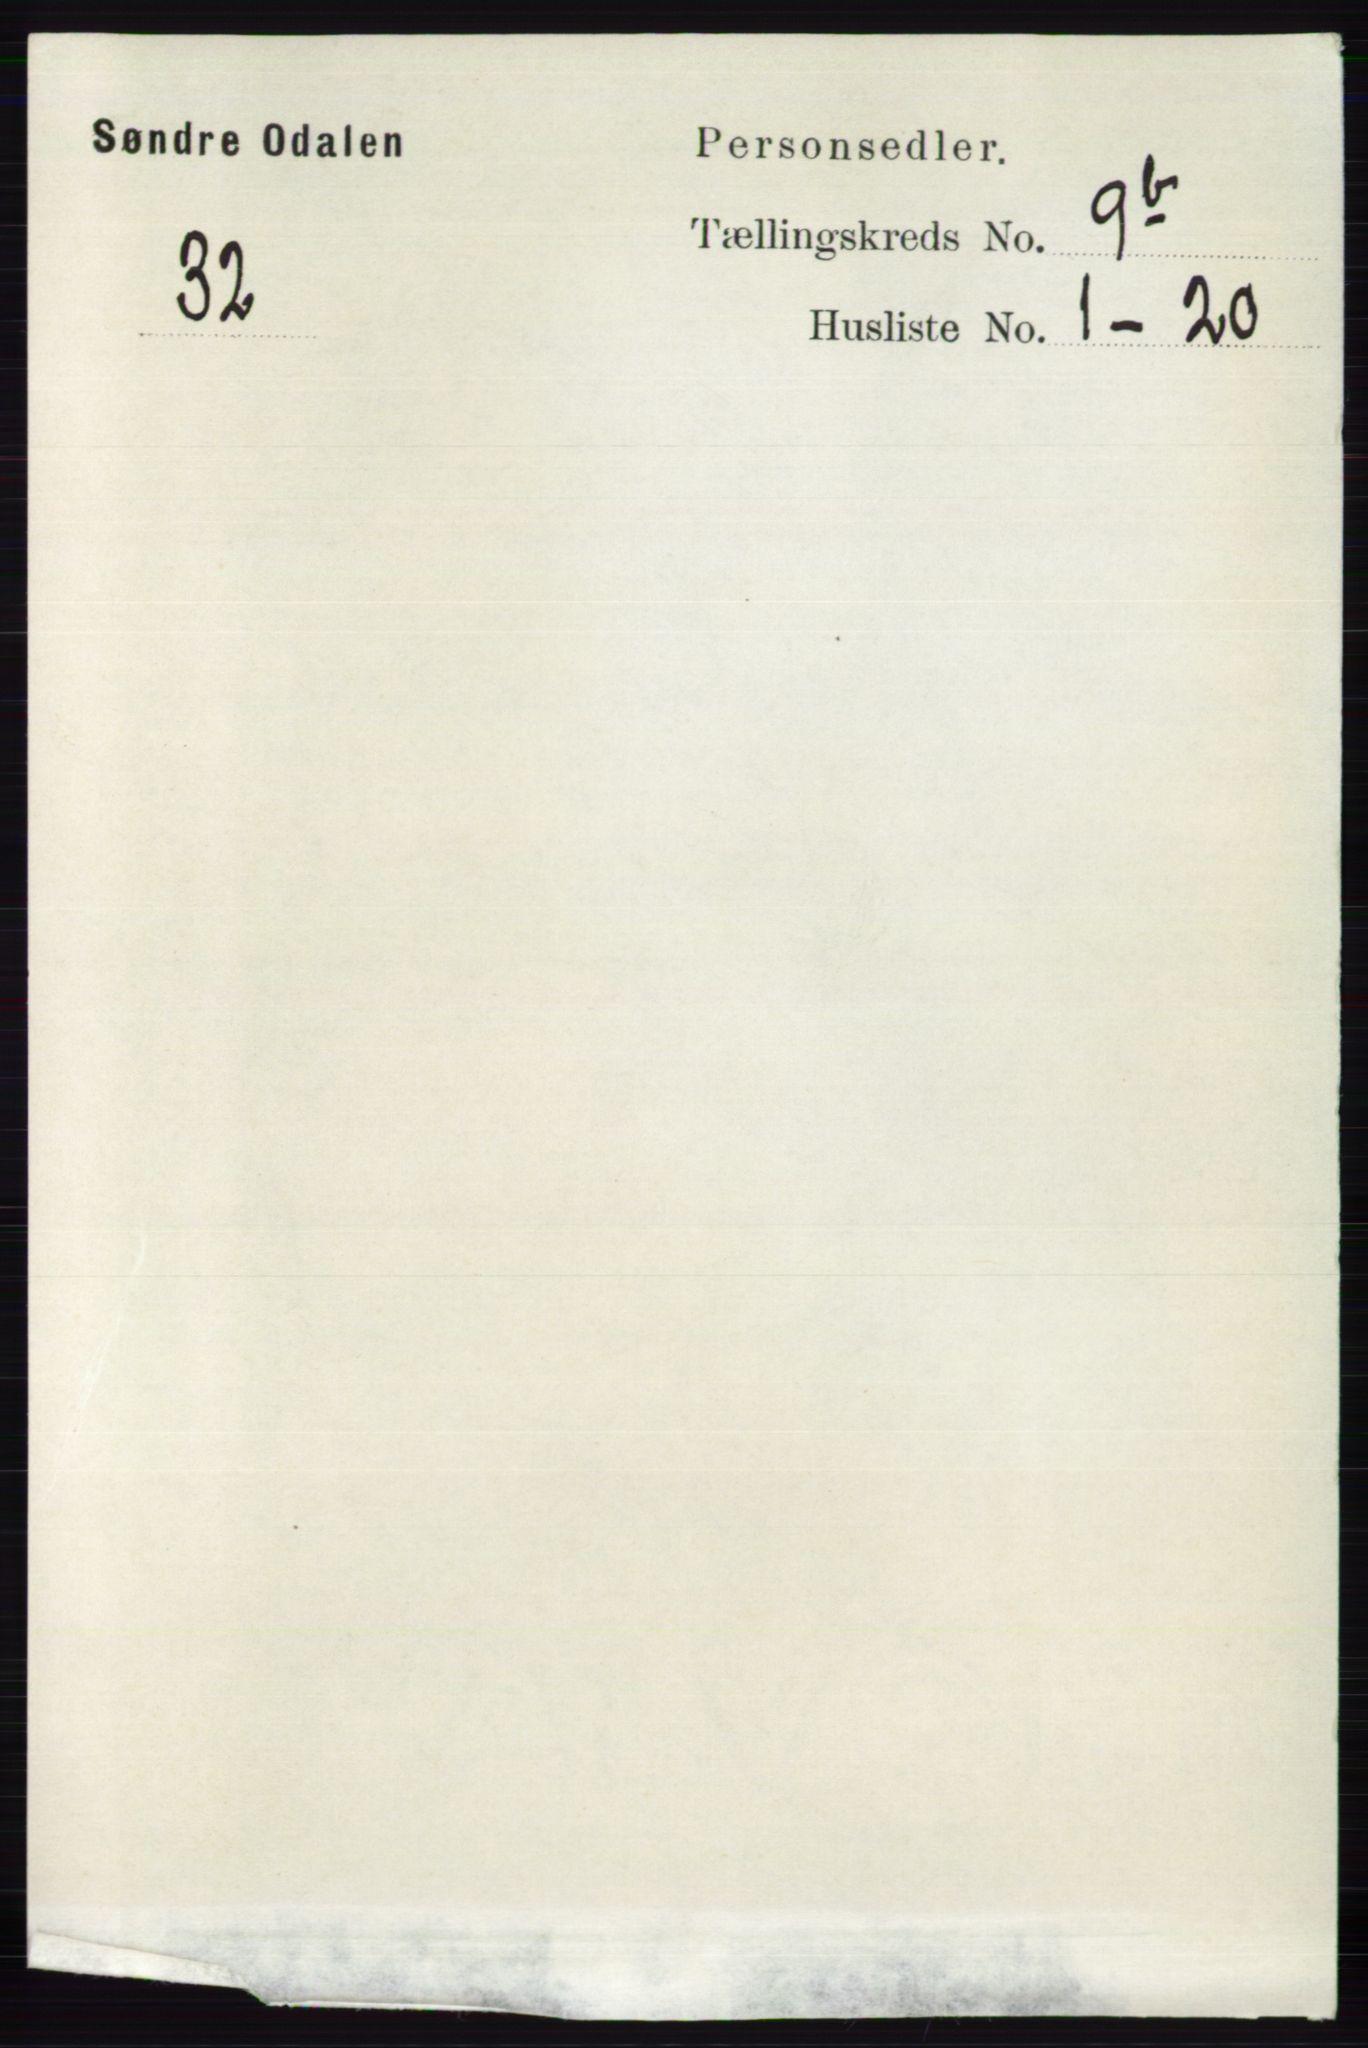 RA, Folketelling 1891 for 0419 Sør-Odal herred, 1891, s. 4138